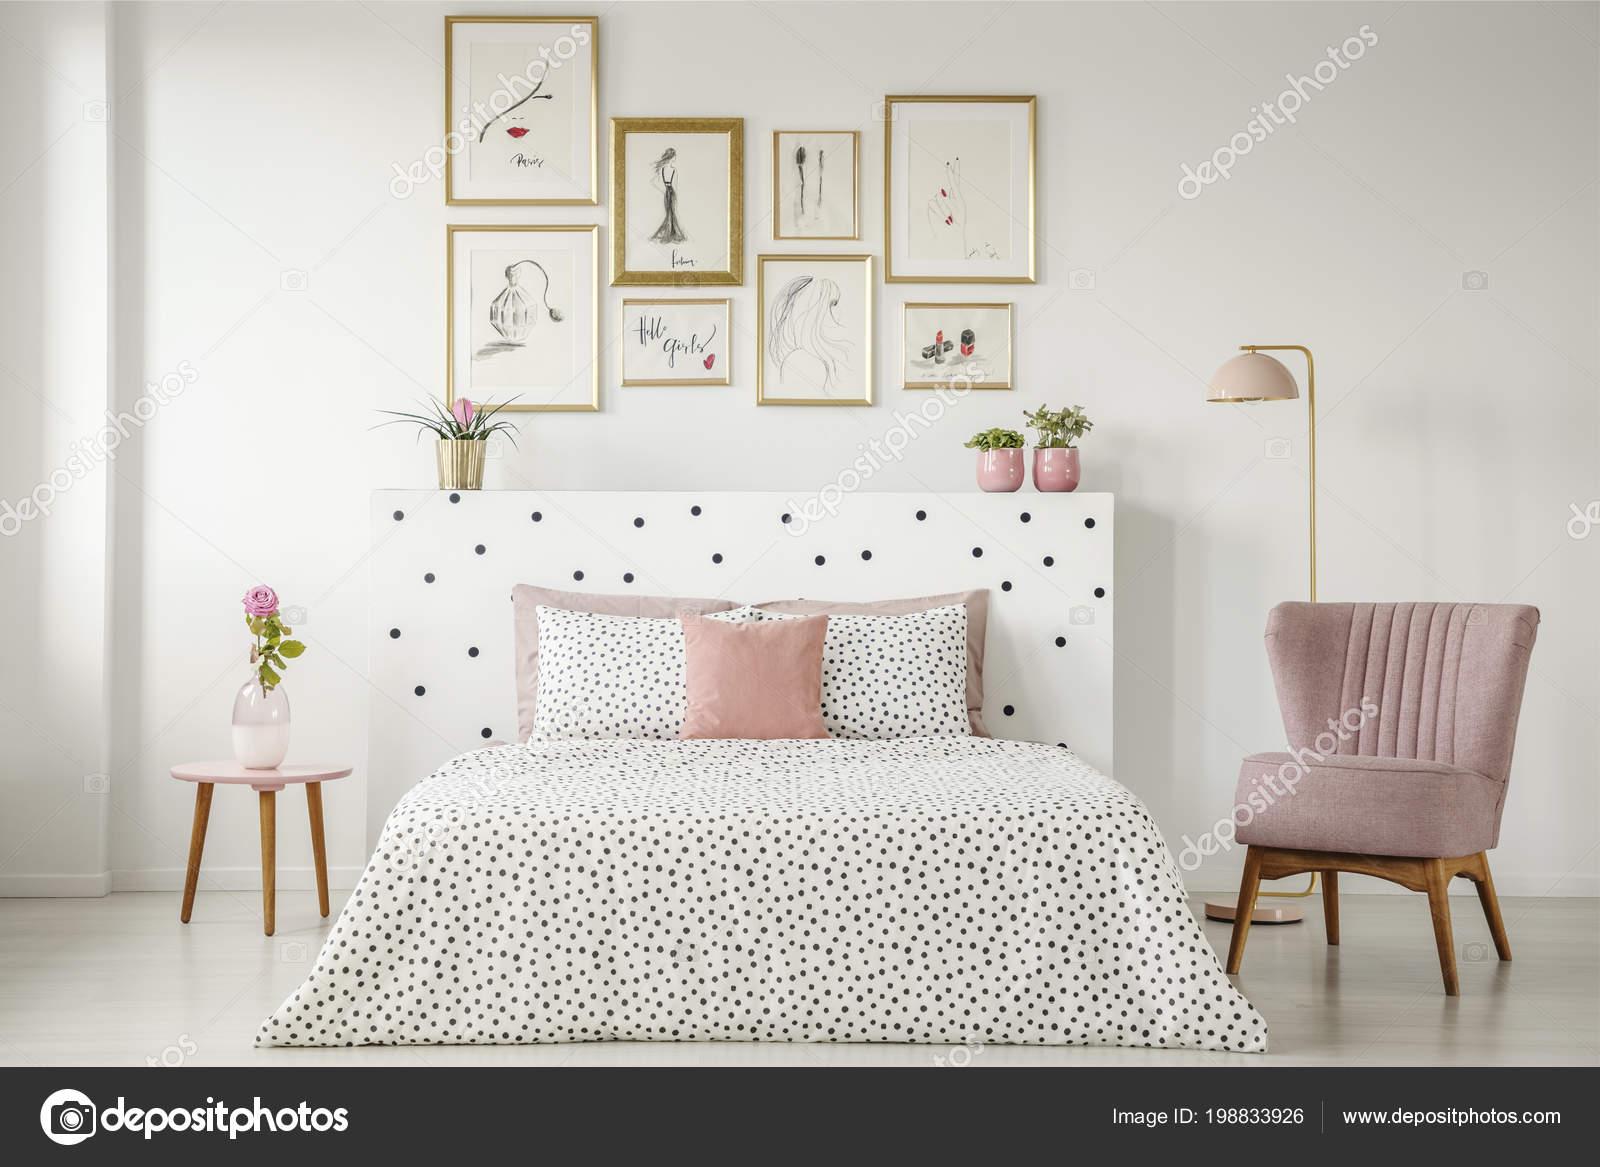 Pianta Camera Da Letto Matrimoniale : Interiore femminile camera letto con letto matrimoniale con lenzuola